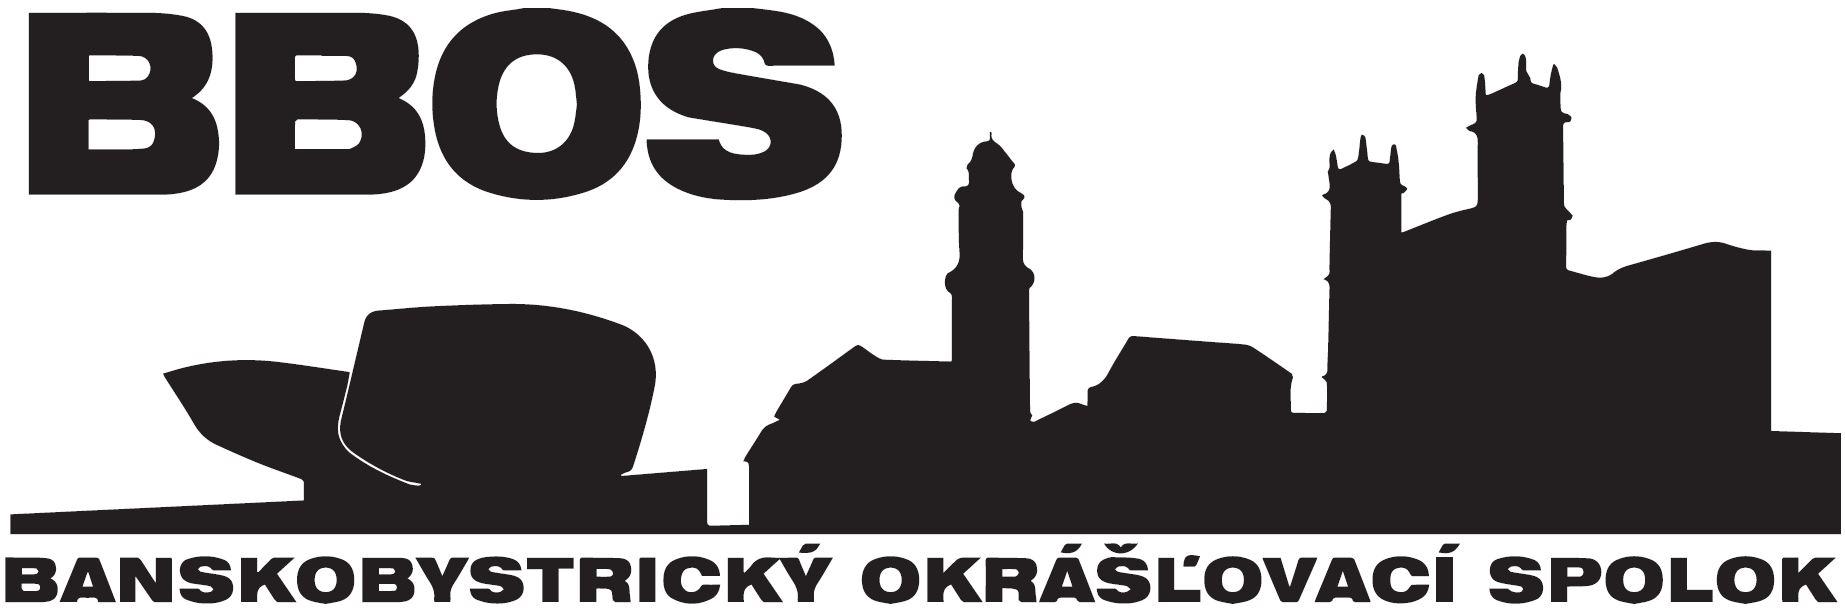 Banskobystrický okrášľovací spolok, Banská Bystrica